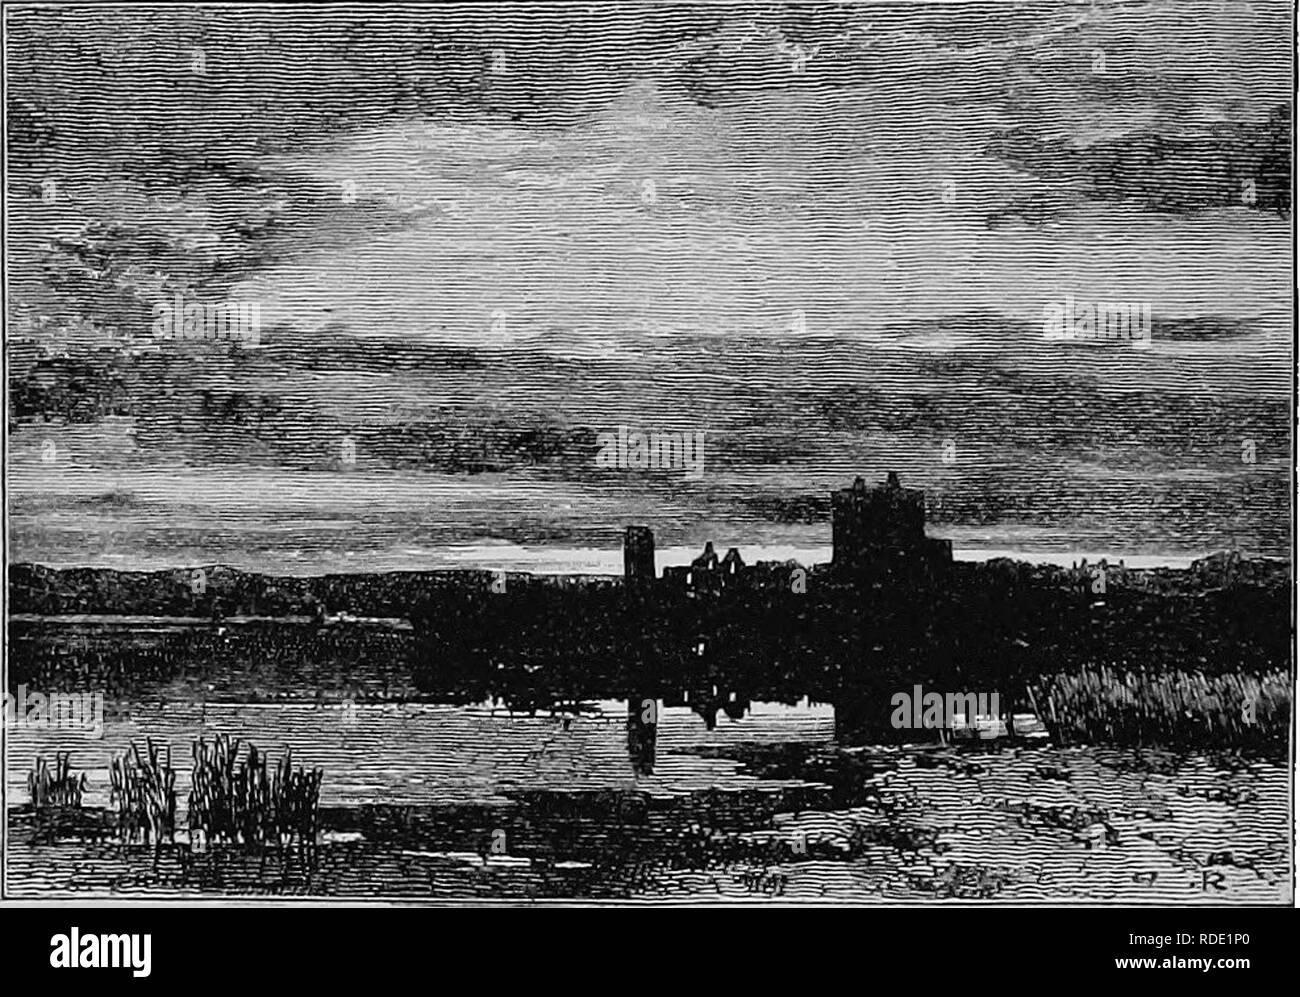 """. Leben eines Scotch Naturforscher: Thomas Edward, Mitarbeiterin der linnaeische Gesellschaft. 310 Das Loch von Spyrvie. [Kap. xvii. Meer - Strand war nicht mehr und nicht weniger als eine wahre Kitsch-en-Midden."""" Die Rey. Dr. Gordon, der Bimie, in der Nähe von Elgin, hatte bereits eine ähnliche Anhäufung von Muscheln auf die alte Marge des Loch von Spynie, früher ein Arm des Meeres gefunden. Der Damm wird in einem kleinen Wald auf der Farm, der Brigzes gelegen.. SPTUIE OASTLE UND LOOH, es hatte viel von seinem Inhalt in Gekarrt, aus der Mitte des Haufens, wie Gülle oder top-Dressing für die angrenzenden Felder verringert. Die Stockfoto"""